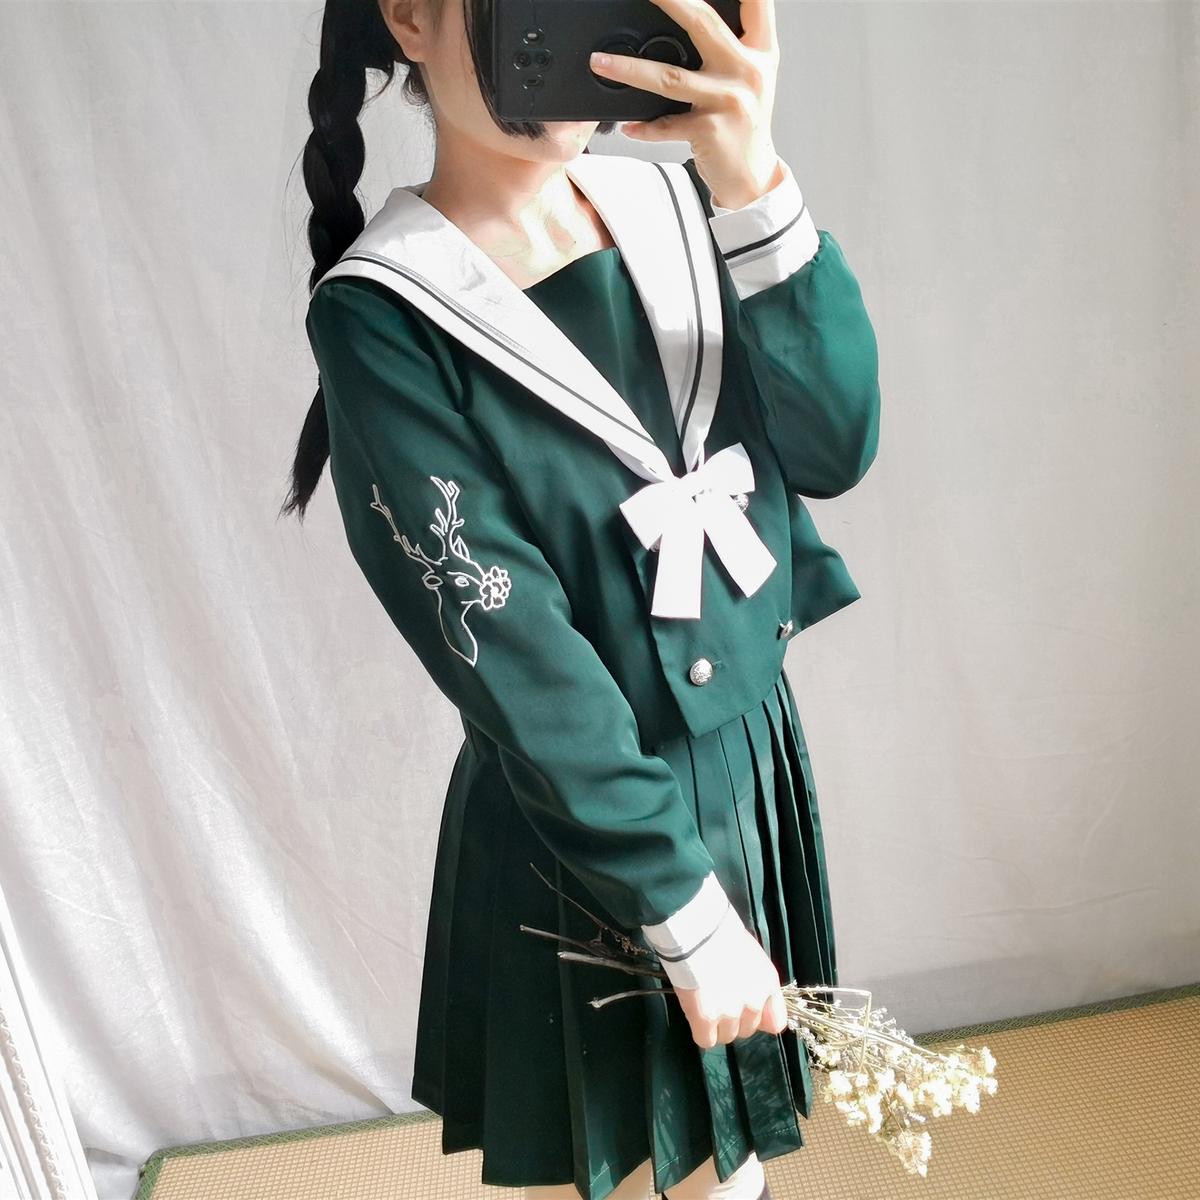 日本JK制服冬季深林鹿水手服墨绿套装学院风软妹女学生校班服女